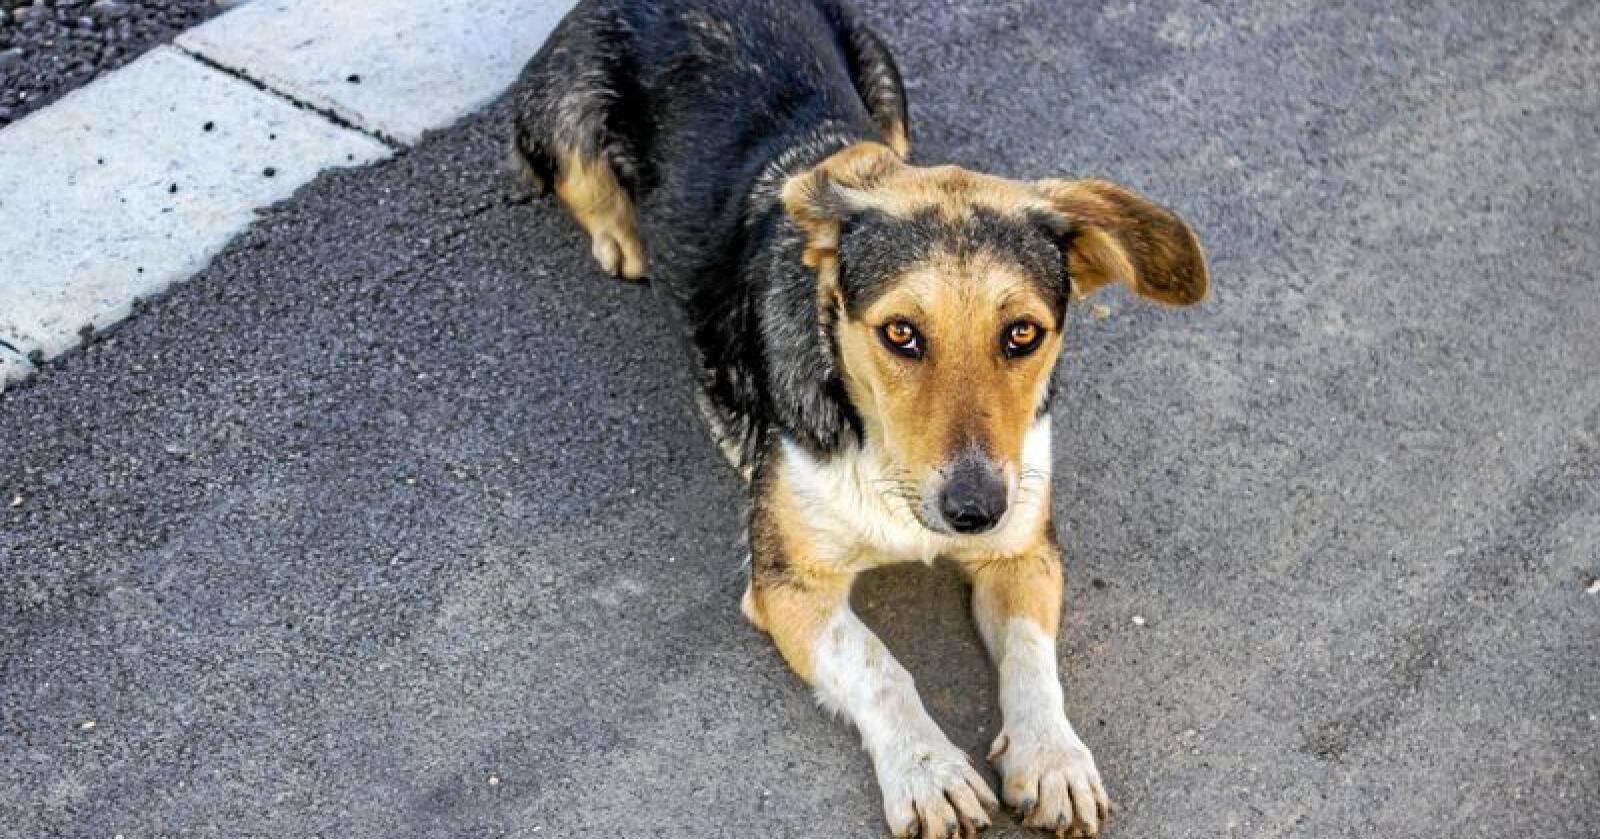 Analyserte prøver fra hunder som man mistenker er rammet av den fortsatt ukjente sykdommen, som har ført til at flere hunder har dødd de siste dagene. Minst 26 hunder er registrert døde i Norge etter å ha hatt blodig diaré den siste tiden. Illustrasjonsbilde: Colourbox